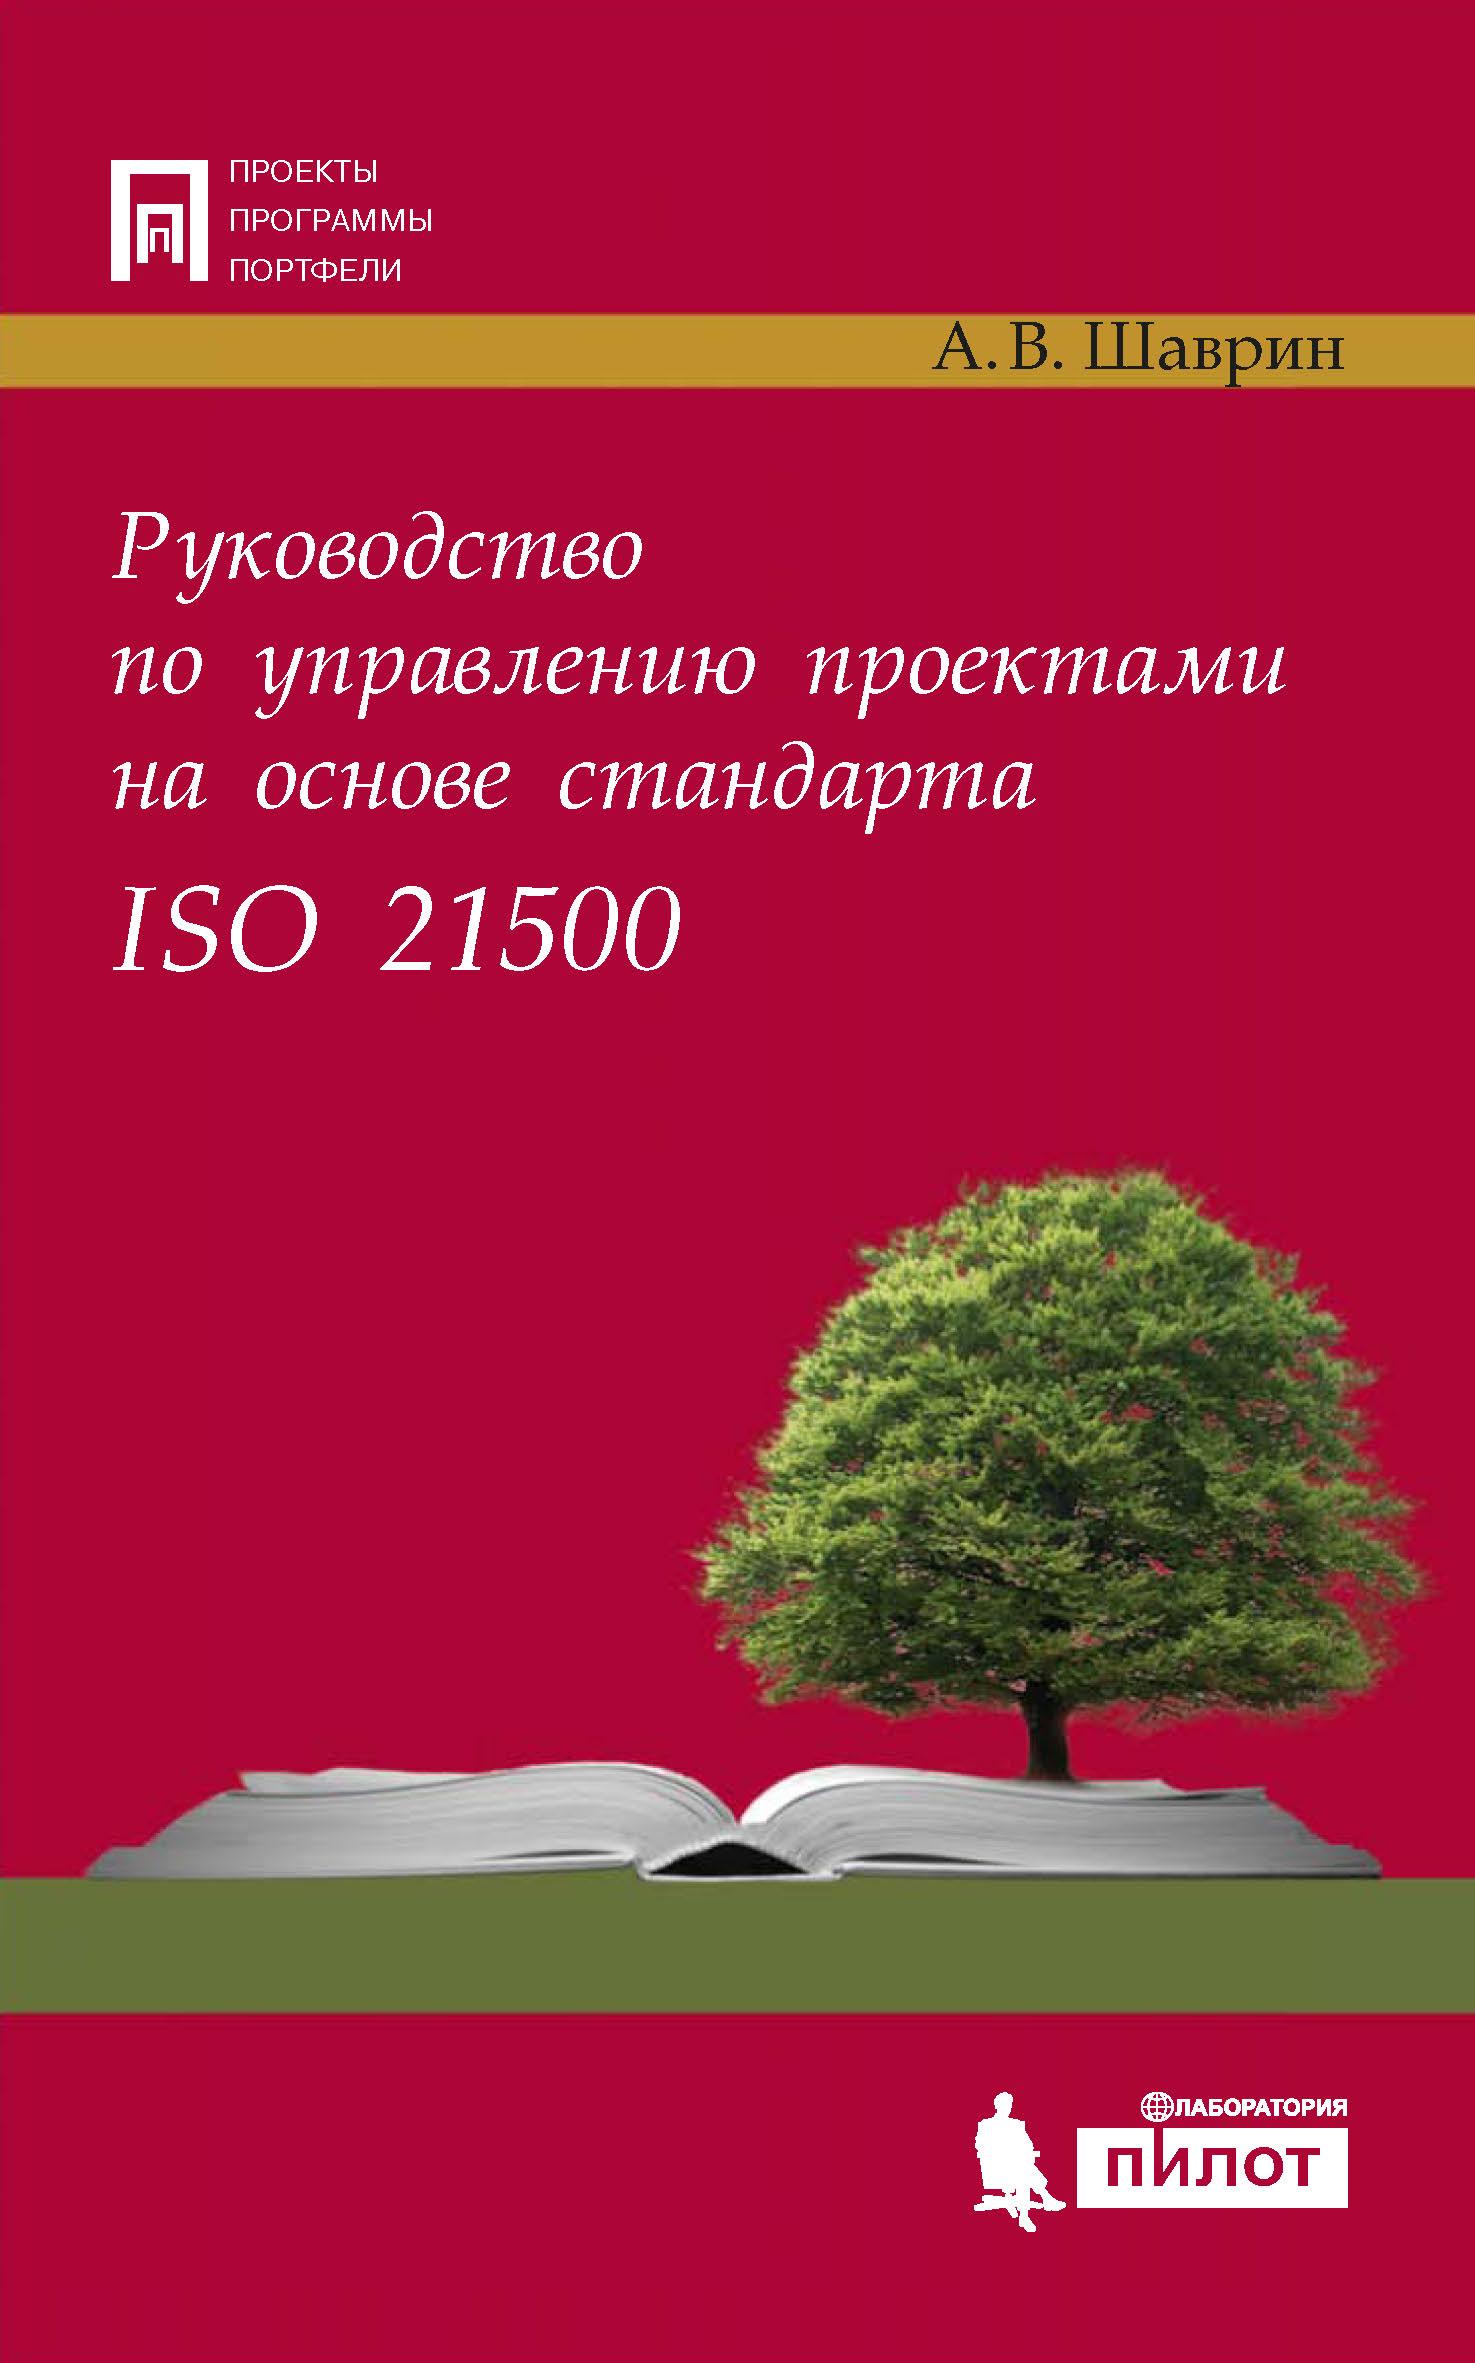 А. В. Шаврин Руководство по управлению проектами на основе стандарта ISO 21500 руководство к своду знаний по управлению проектами руководство рмвок